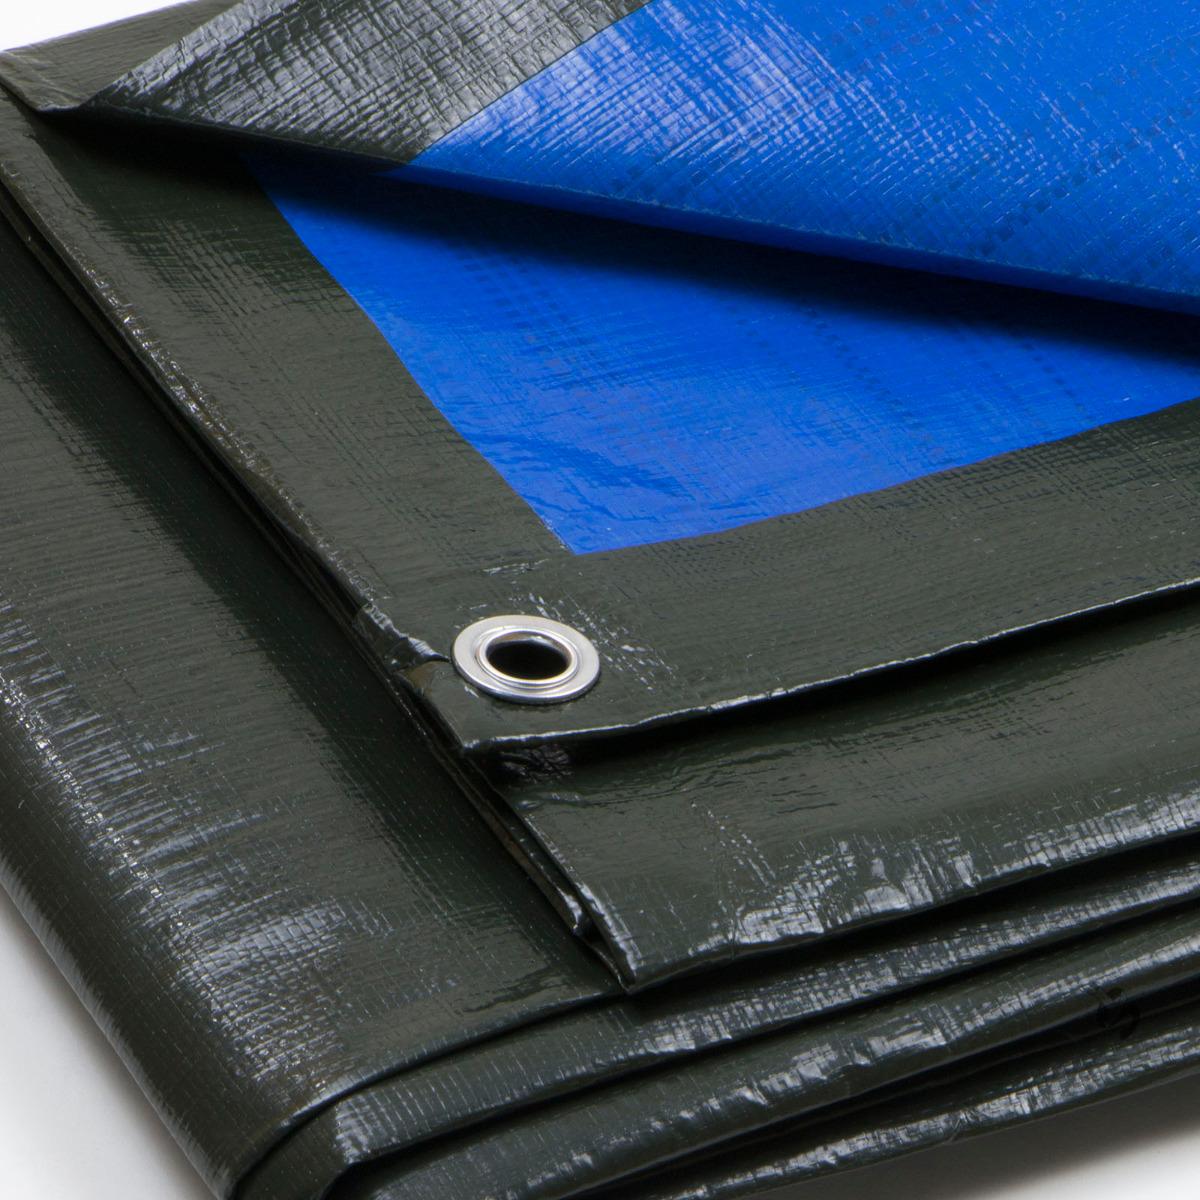 Telo-Pesante-Occhiellato-Verde-Blu-Impermeabile-copritutto-multiuso-Varie-Misure miniatura 11